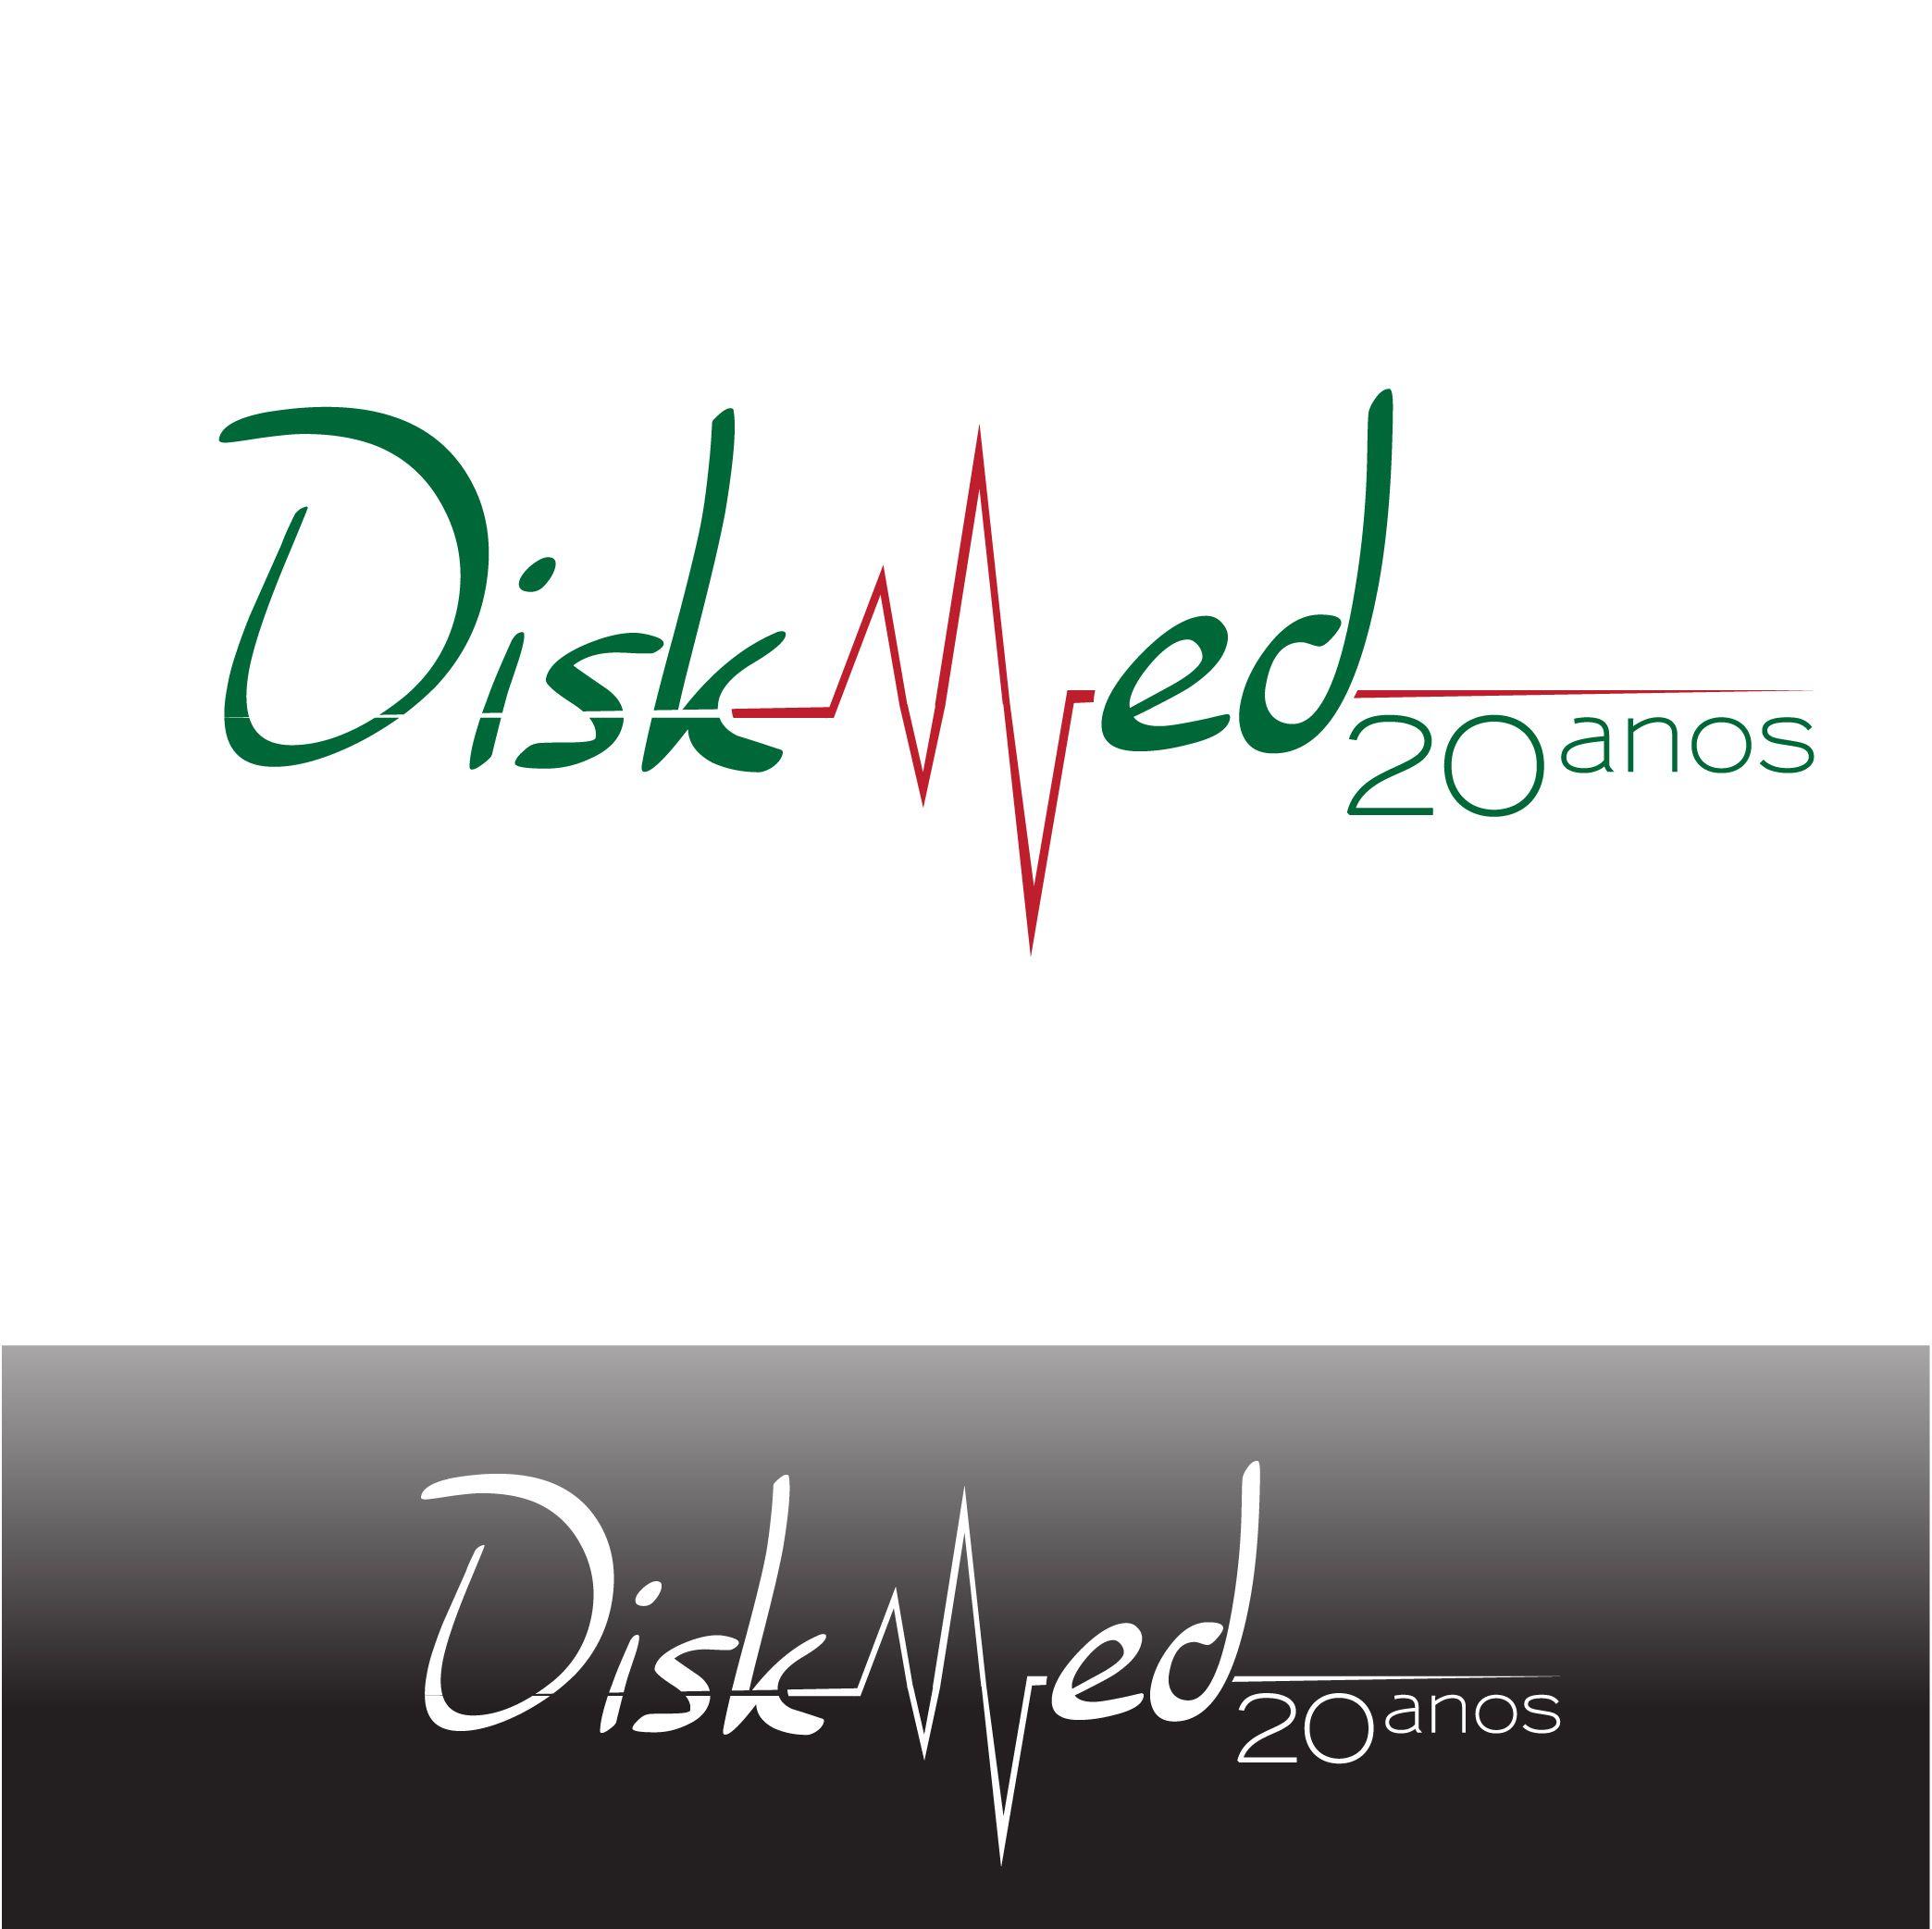 Proposta de logo criada para cliente no site wedologos.com.br